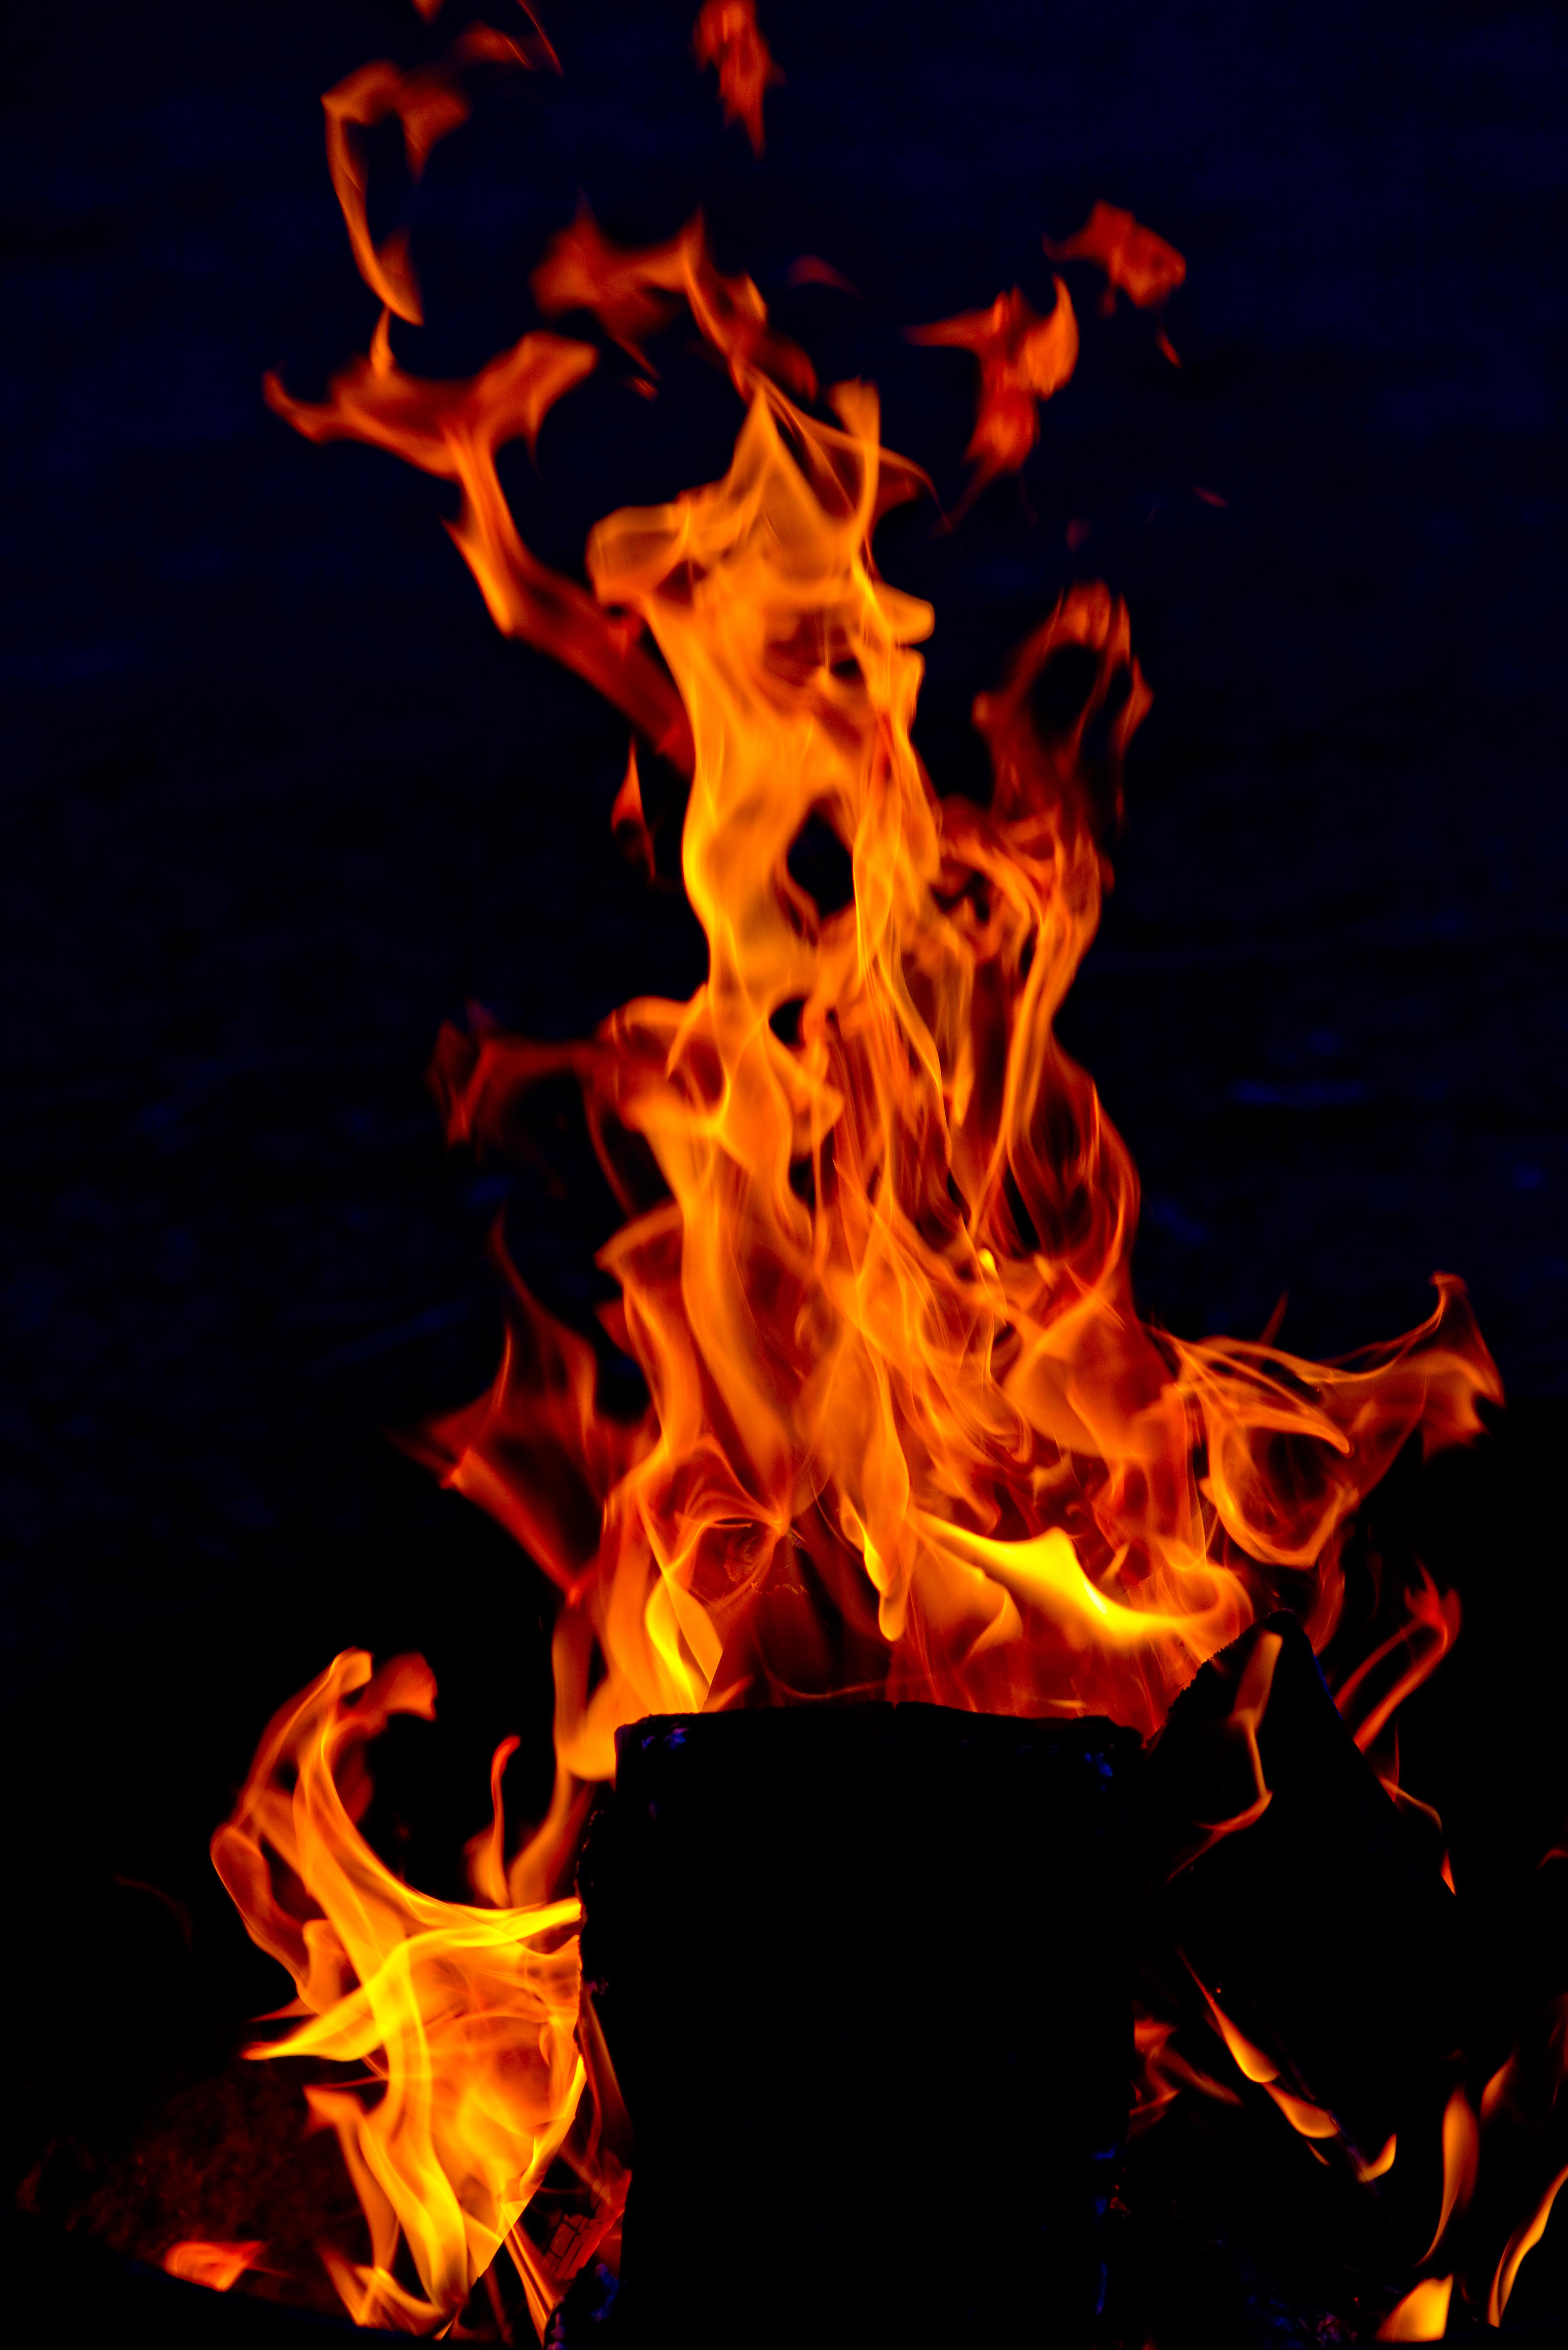 153657 Заставки и Обои Огонь на телефон. Скачать Огонь, Темные, Пламя, Красный, Темный, Языки Пламени картинки бесплатно